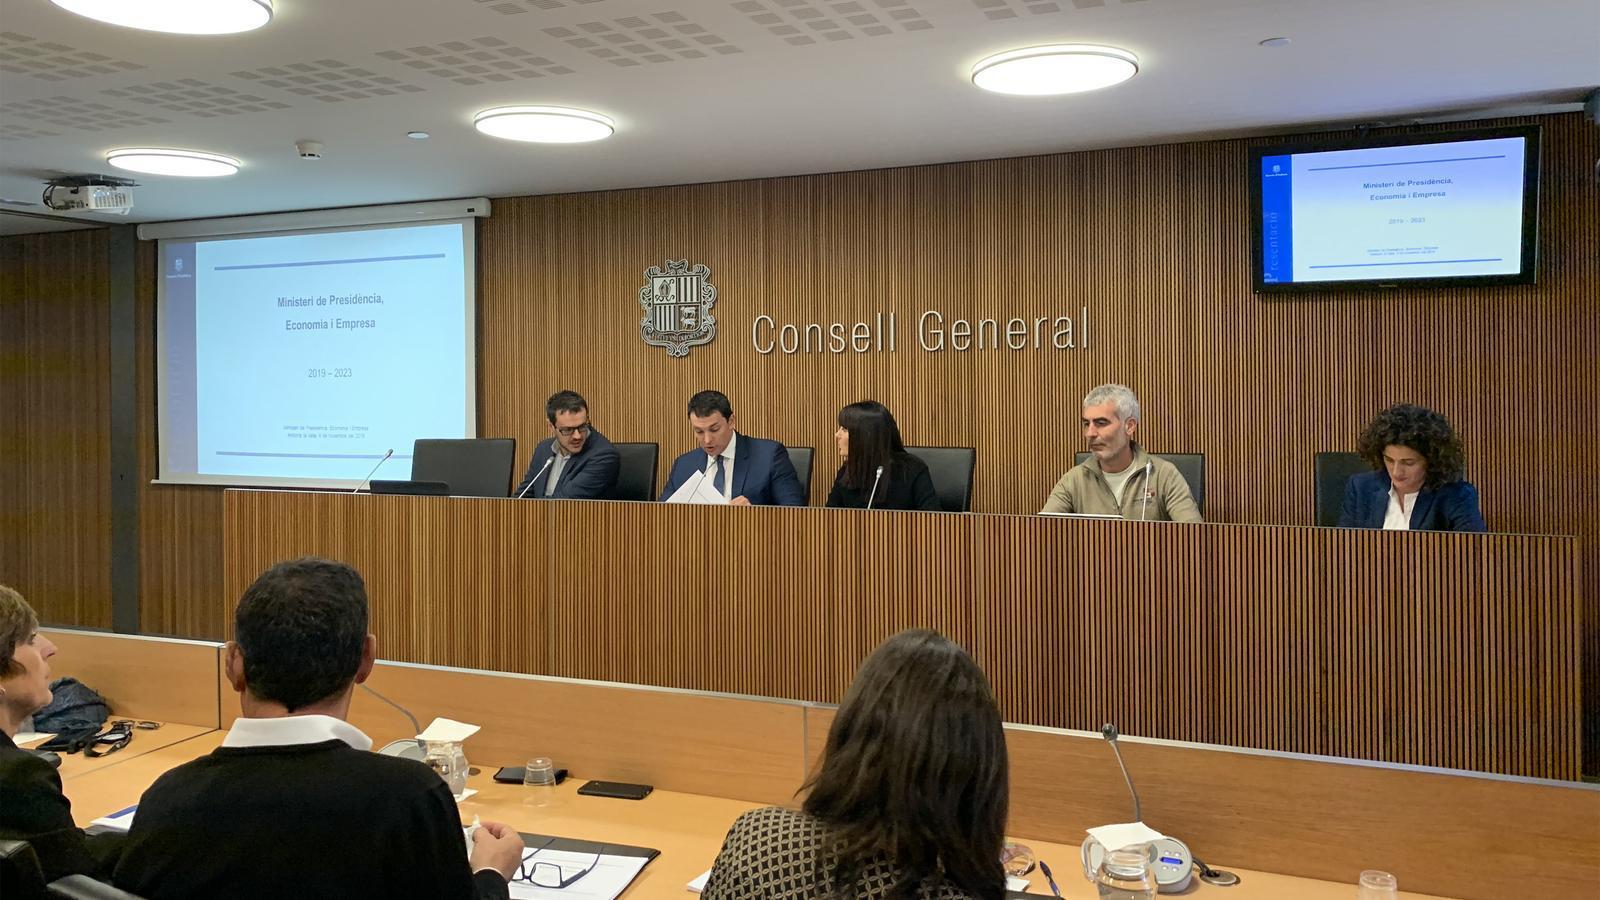 El ministre de Presidència, Economia i Empresa, Jordi Gallardo, a punt de començar la comissió d'Economia del Consell General. / C. A. (ANA)